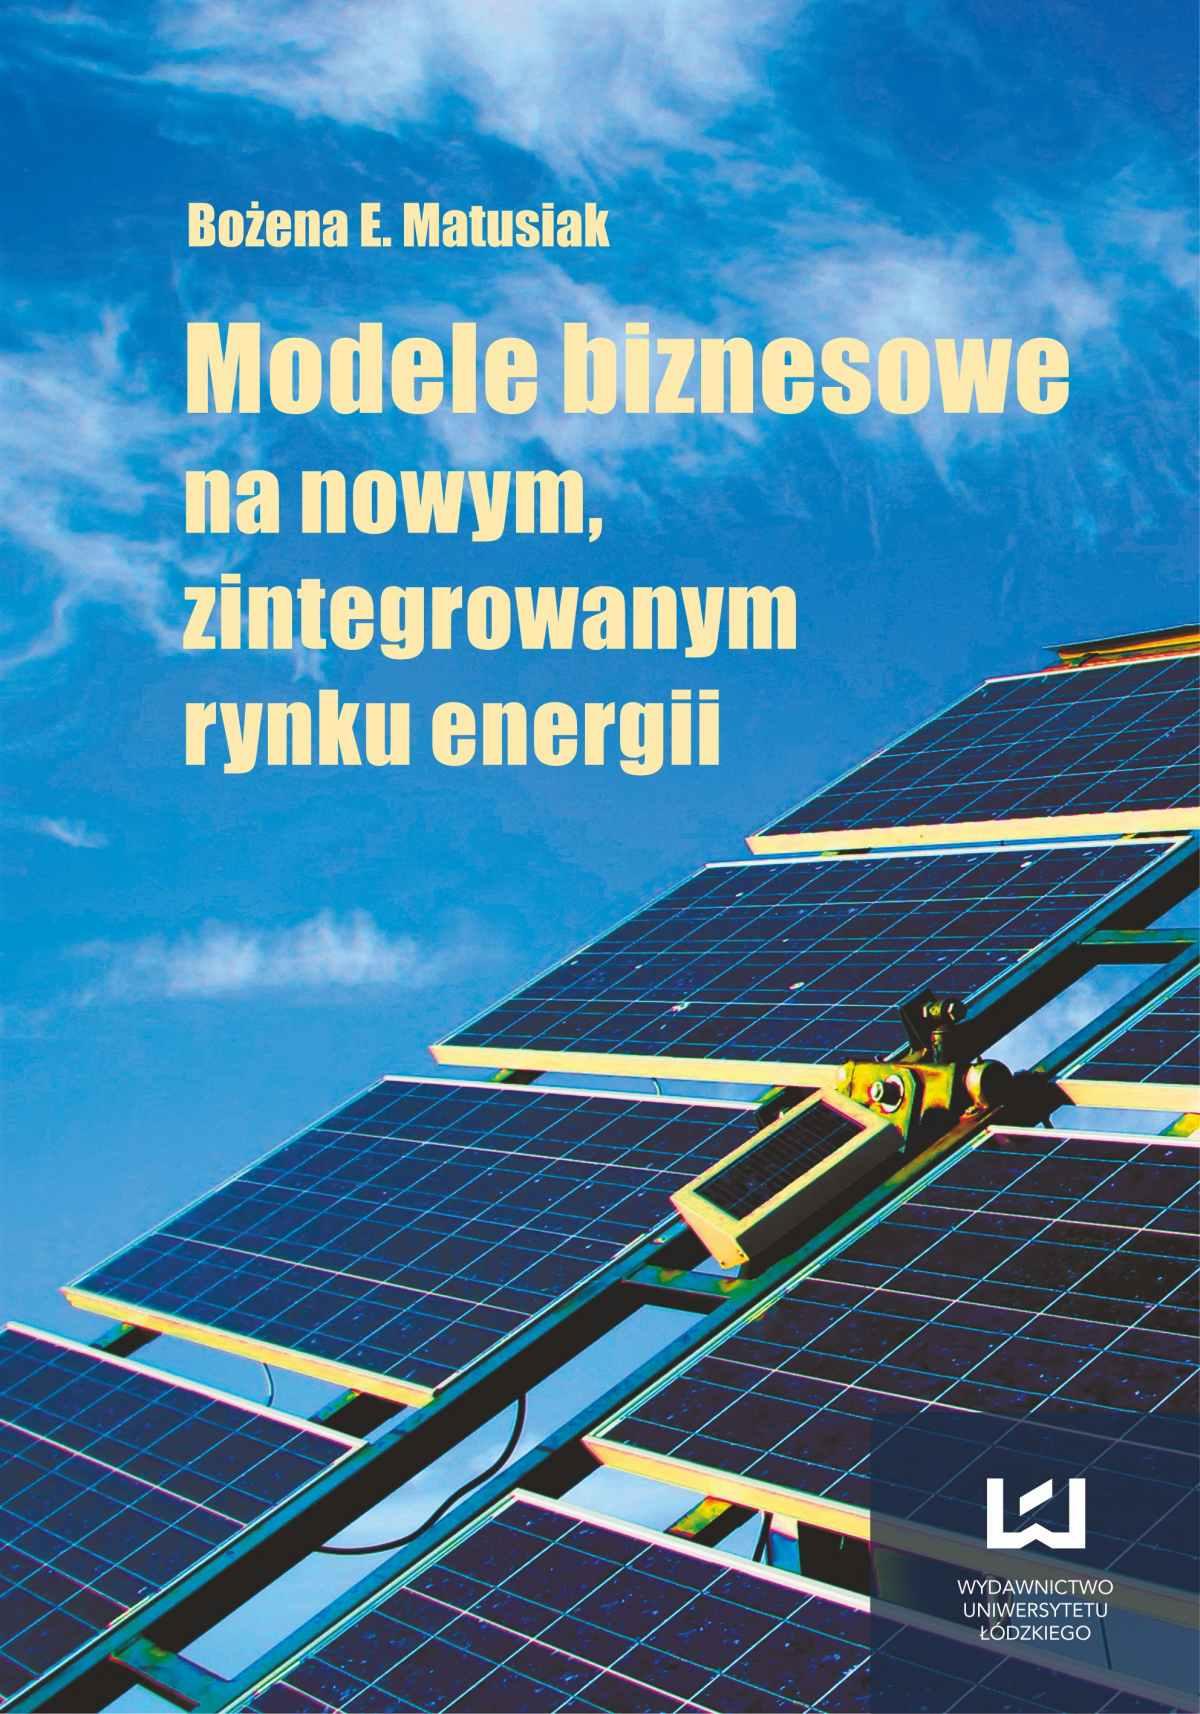 Modele biznesowe na nowym zintegrowanym rynku energii - Ebook (Książka PDF) do pobrania w formacie PDF